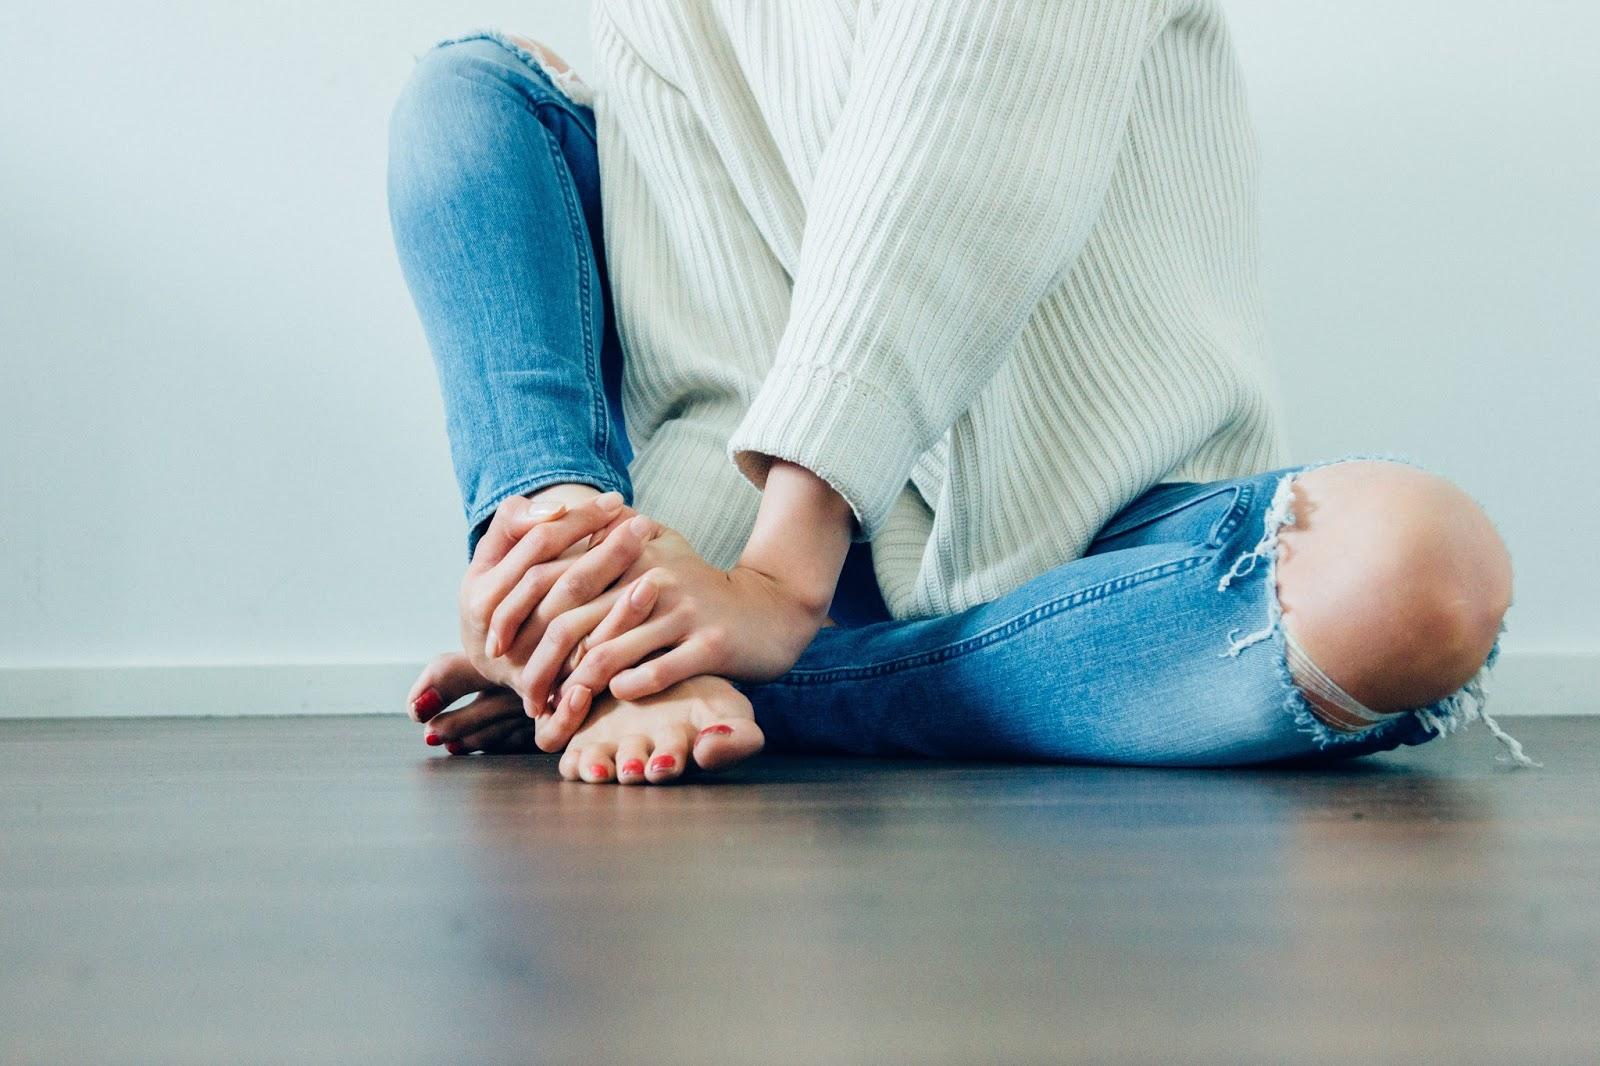 Dureri de spate ?i dureri abdominale in timpul sarcinii la 38 de saptamani